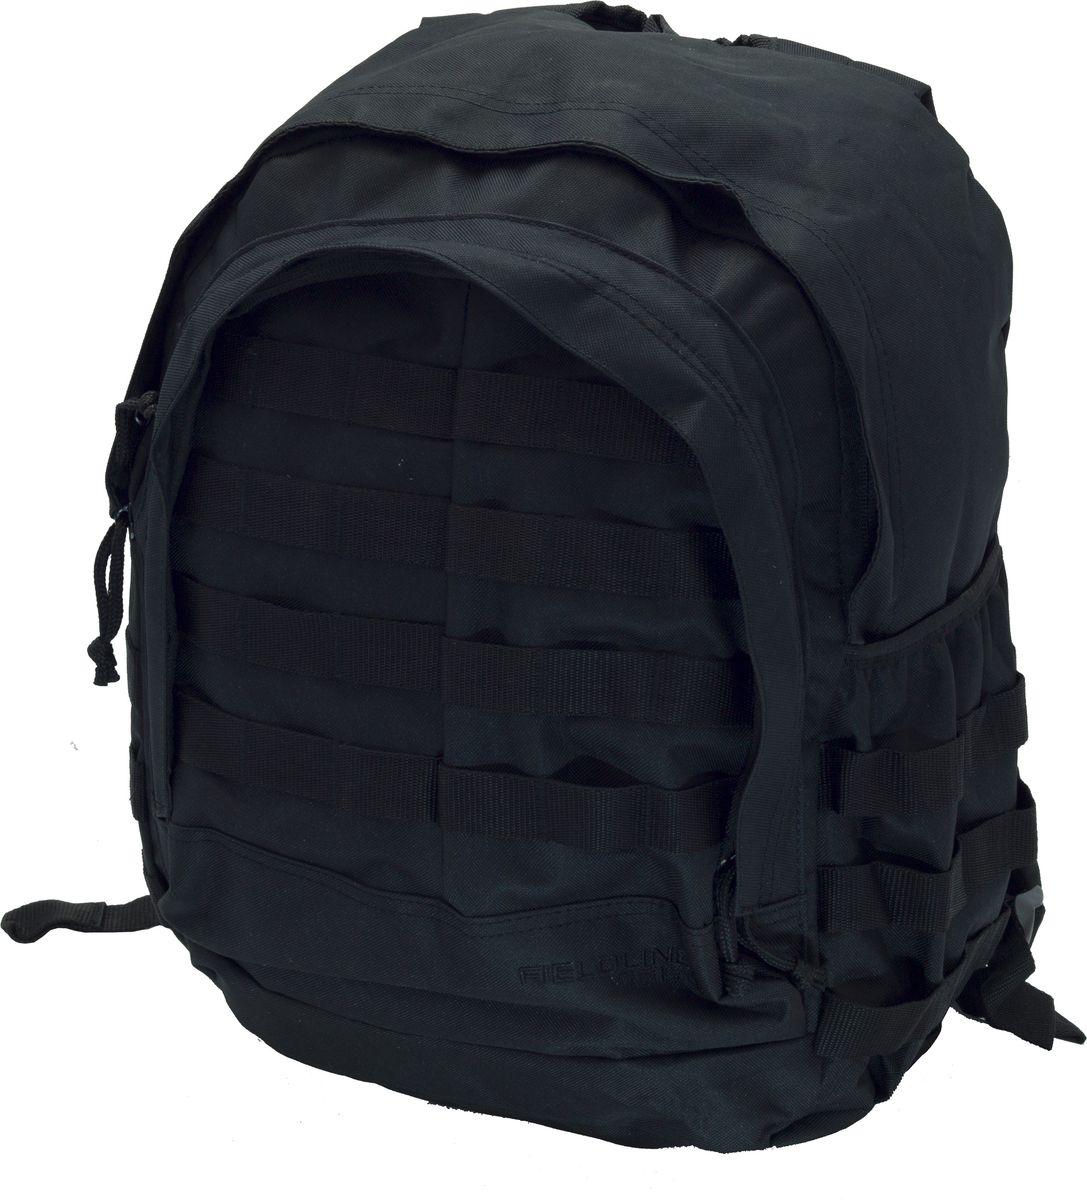 Рюкзак для охоты Fieldline Patrol Day Pack, цвет: черный